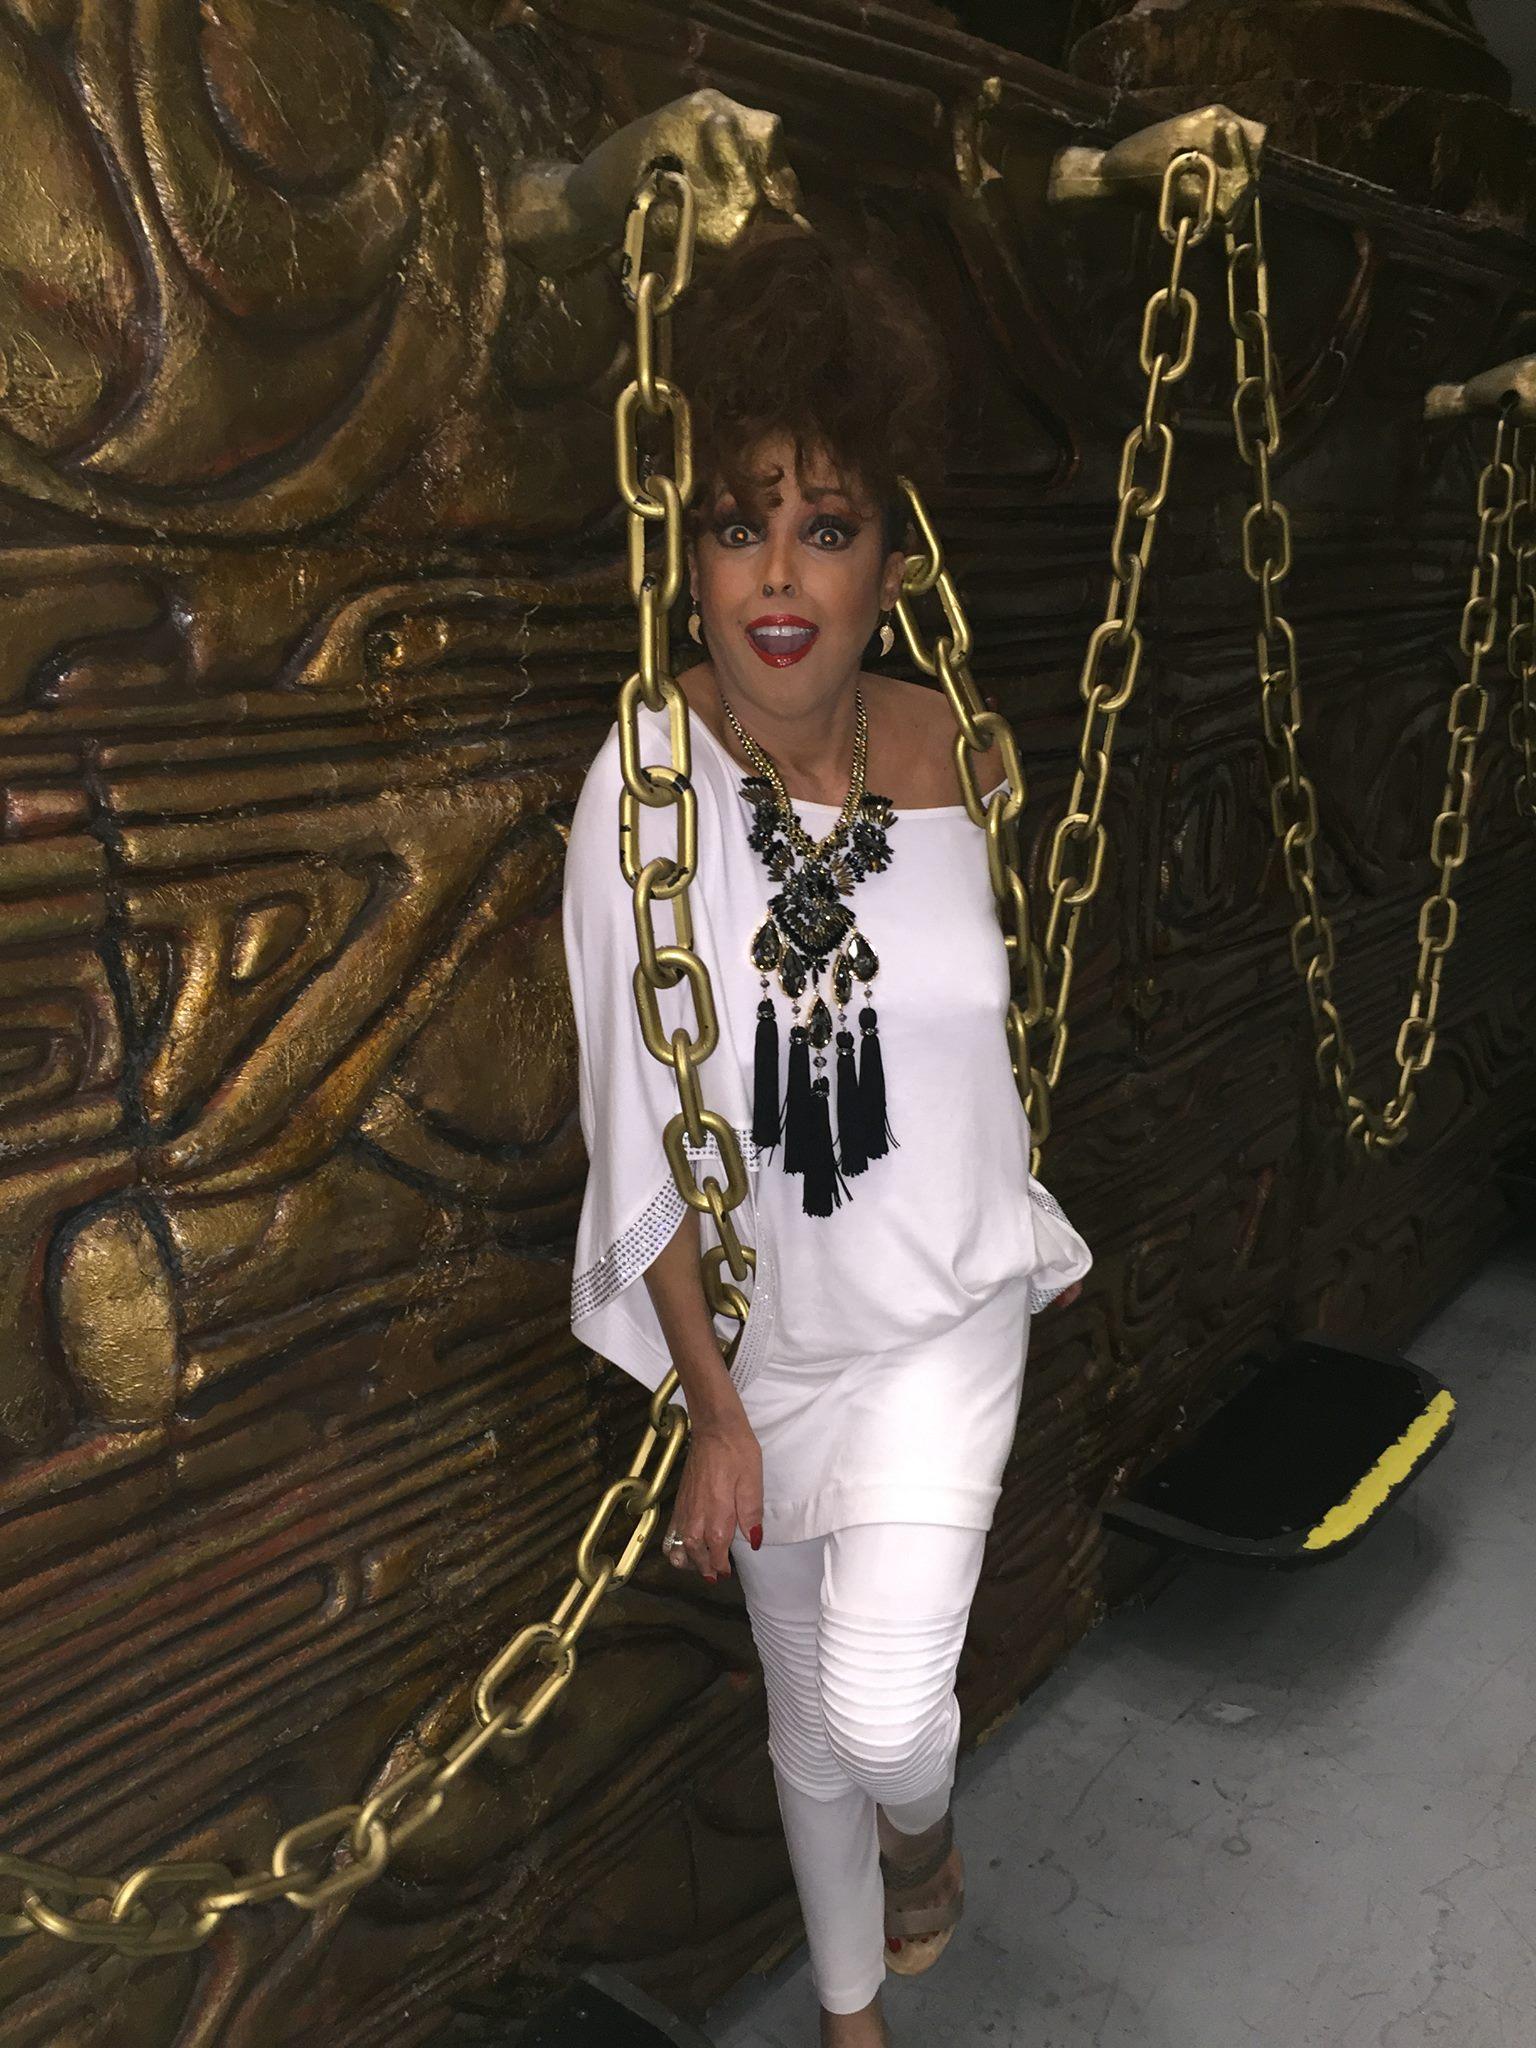 Jakki Ford Backstage at Samson & Delilah